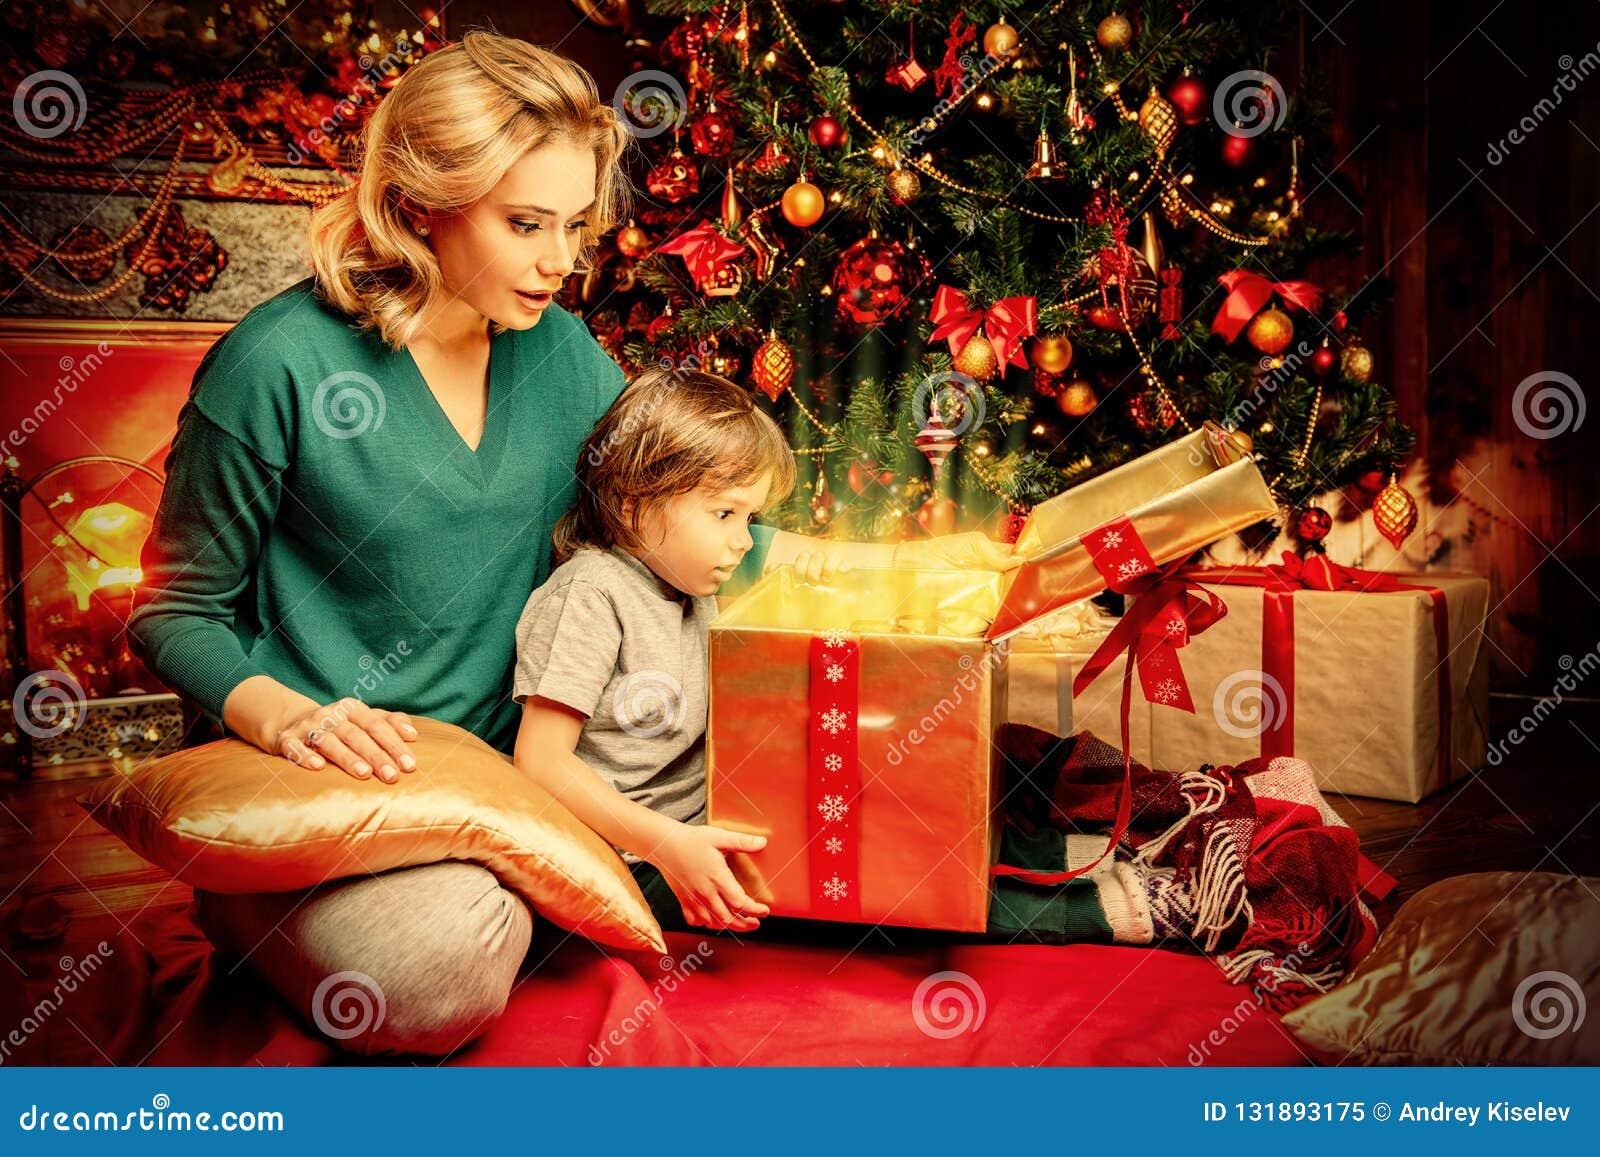 Heure pour obtenir des présents